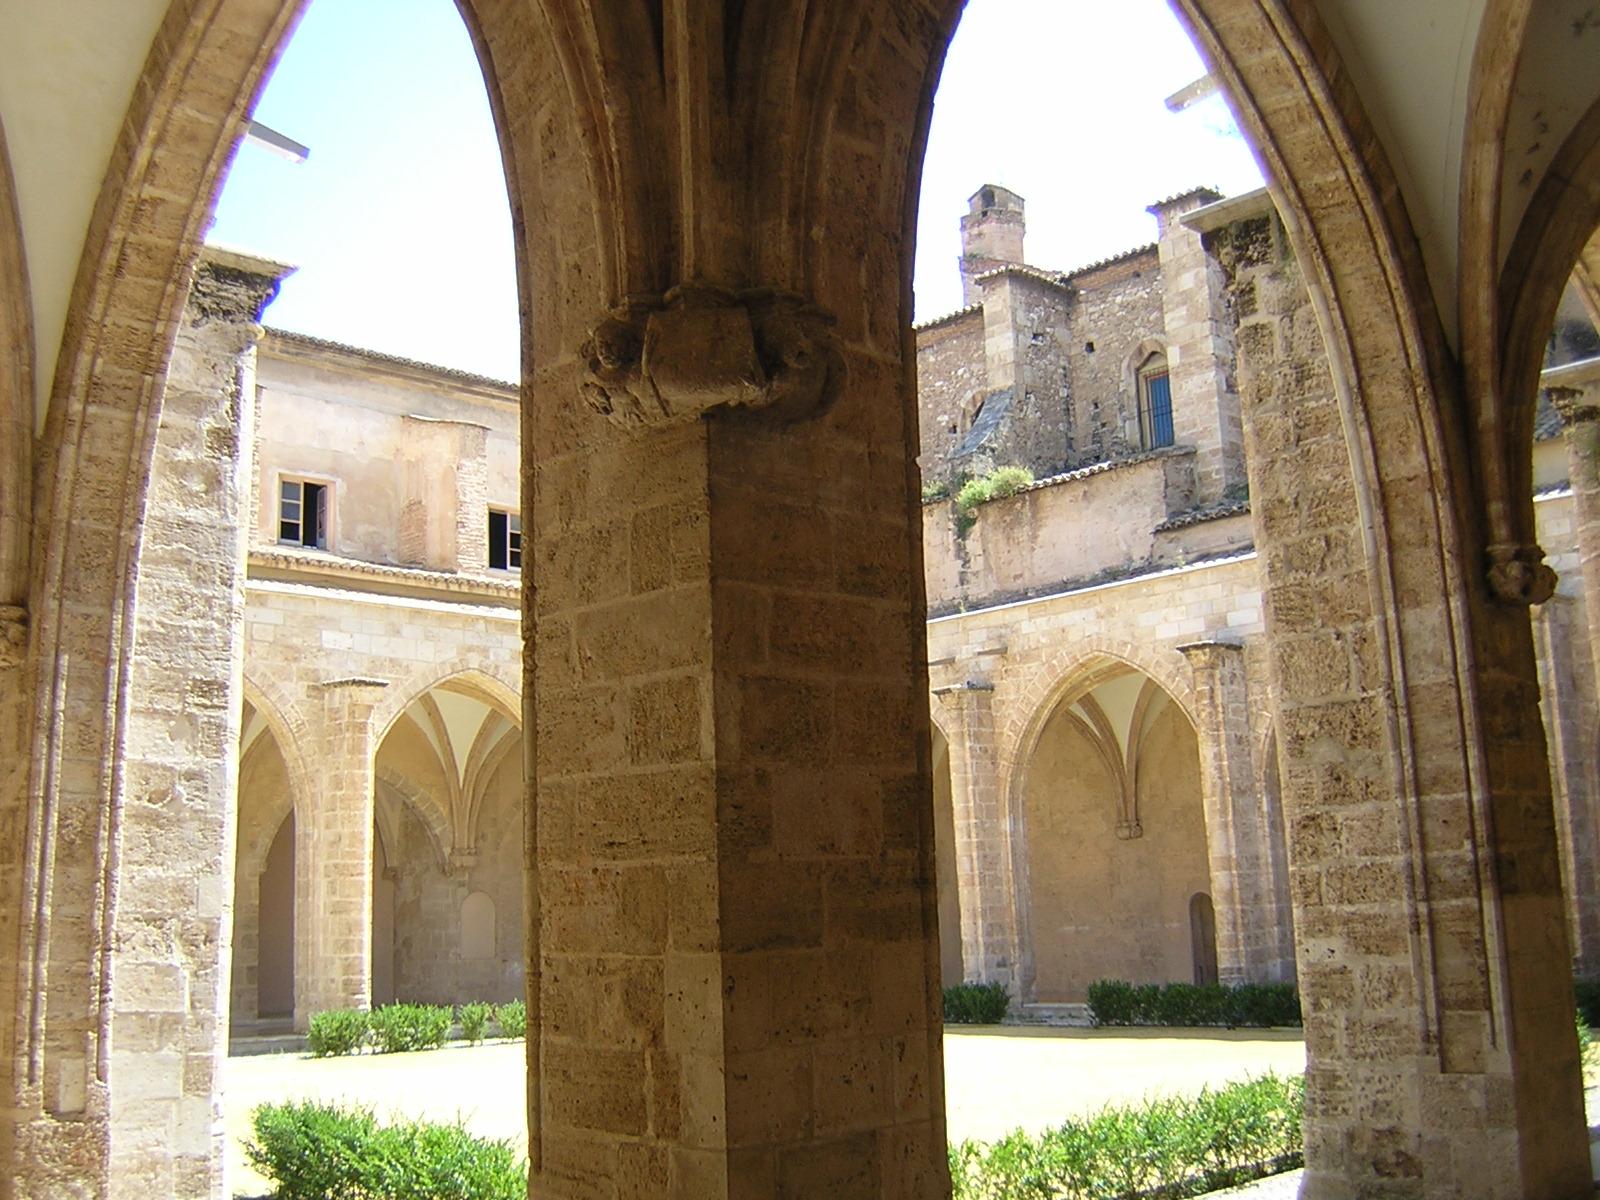 Globexs Valencia: MUSEO DE BELLAS ARTES DE VALENCIA - CENTRE DEL CARME